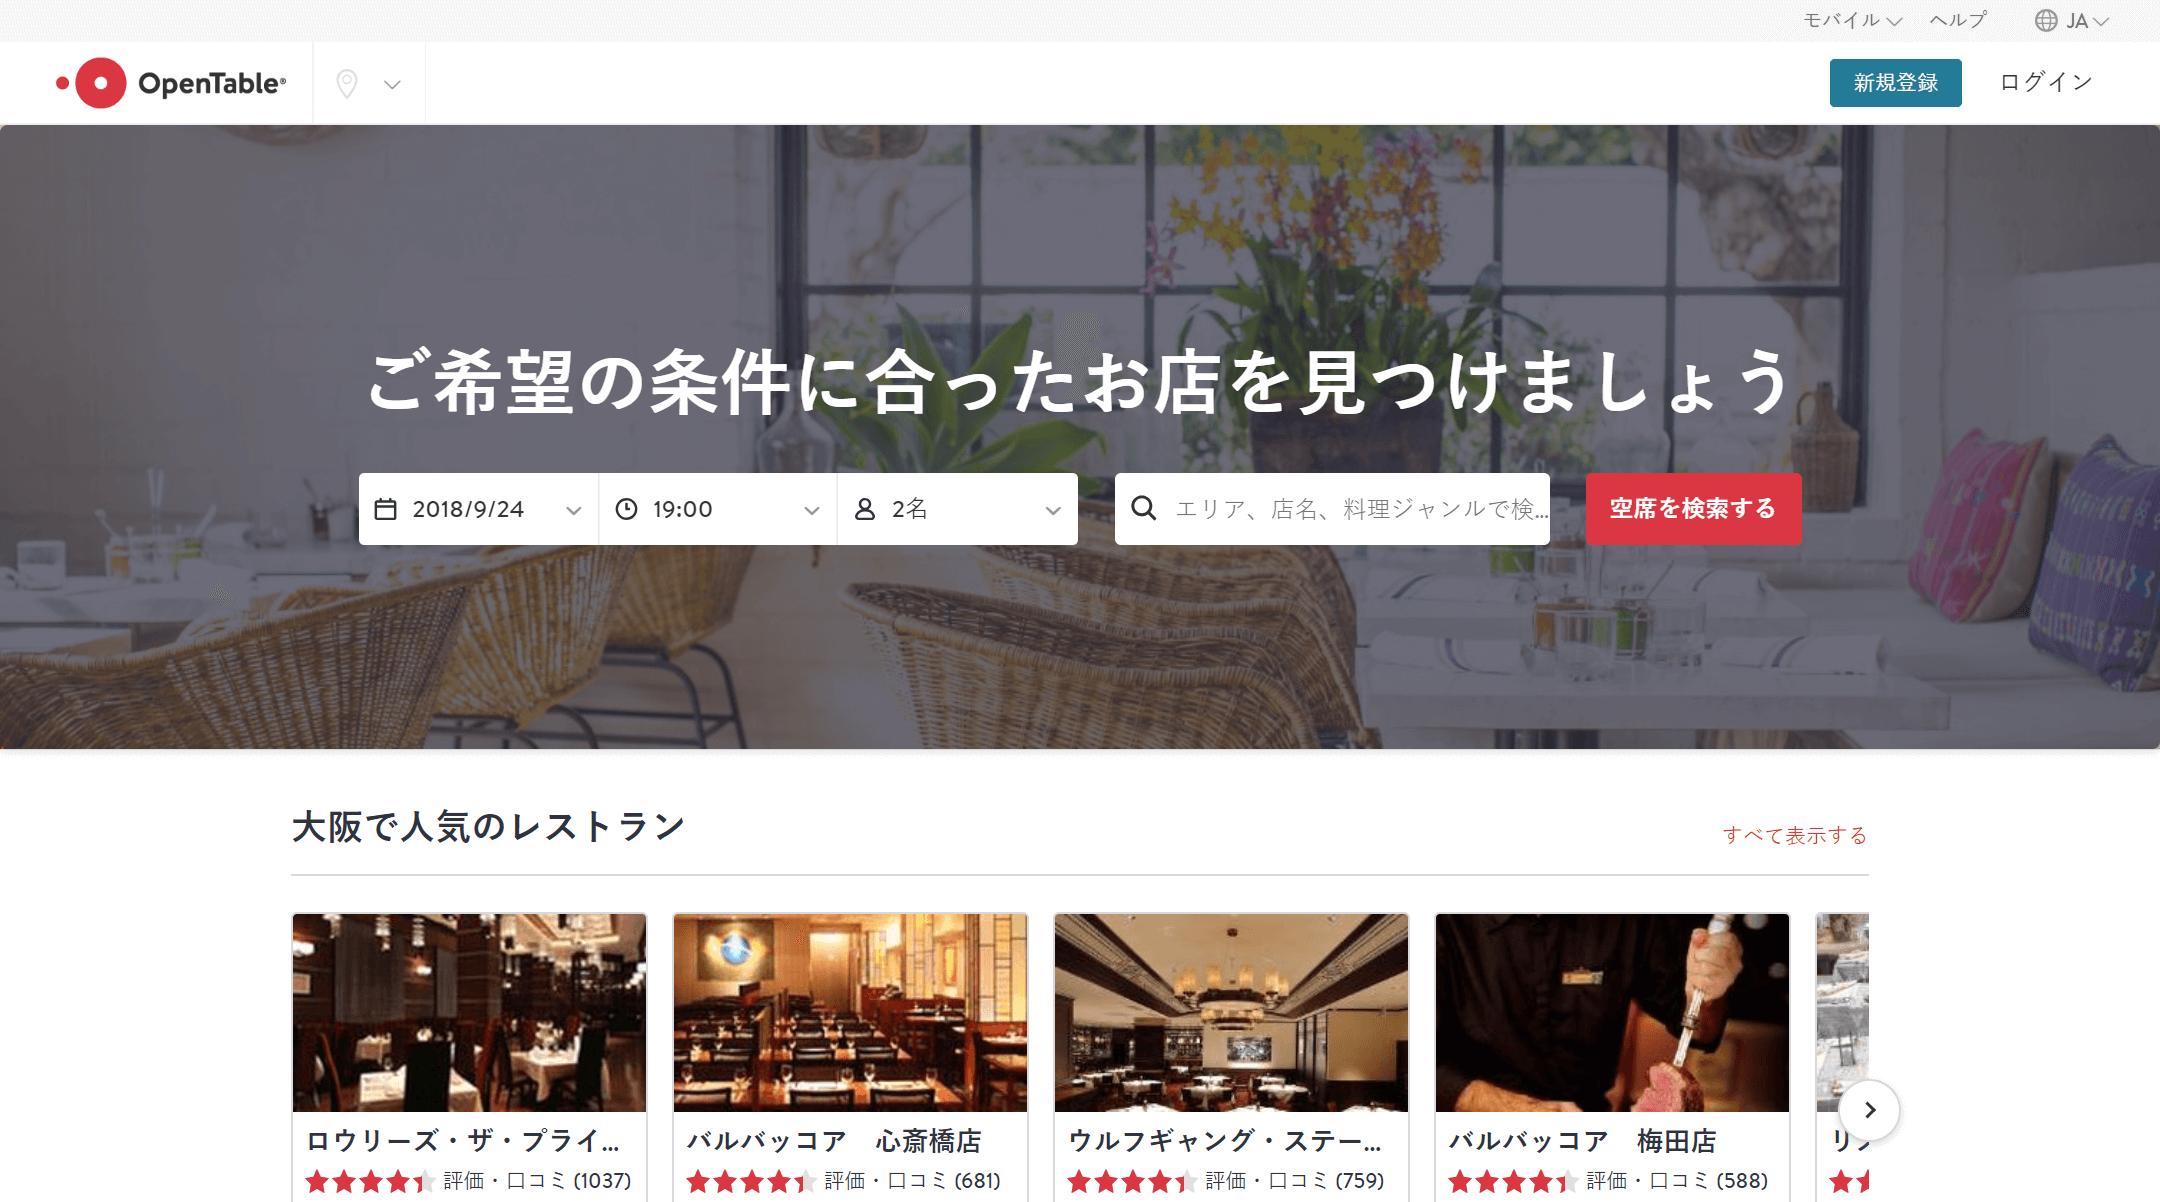 レストラン 予約サイト 比較